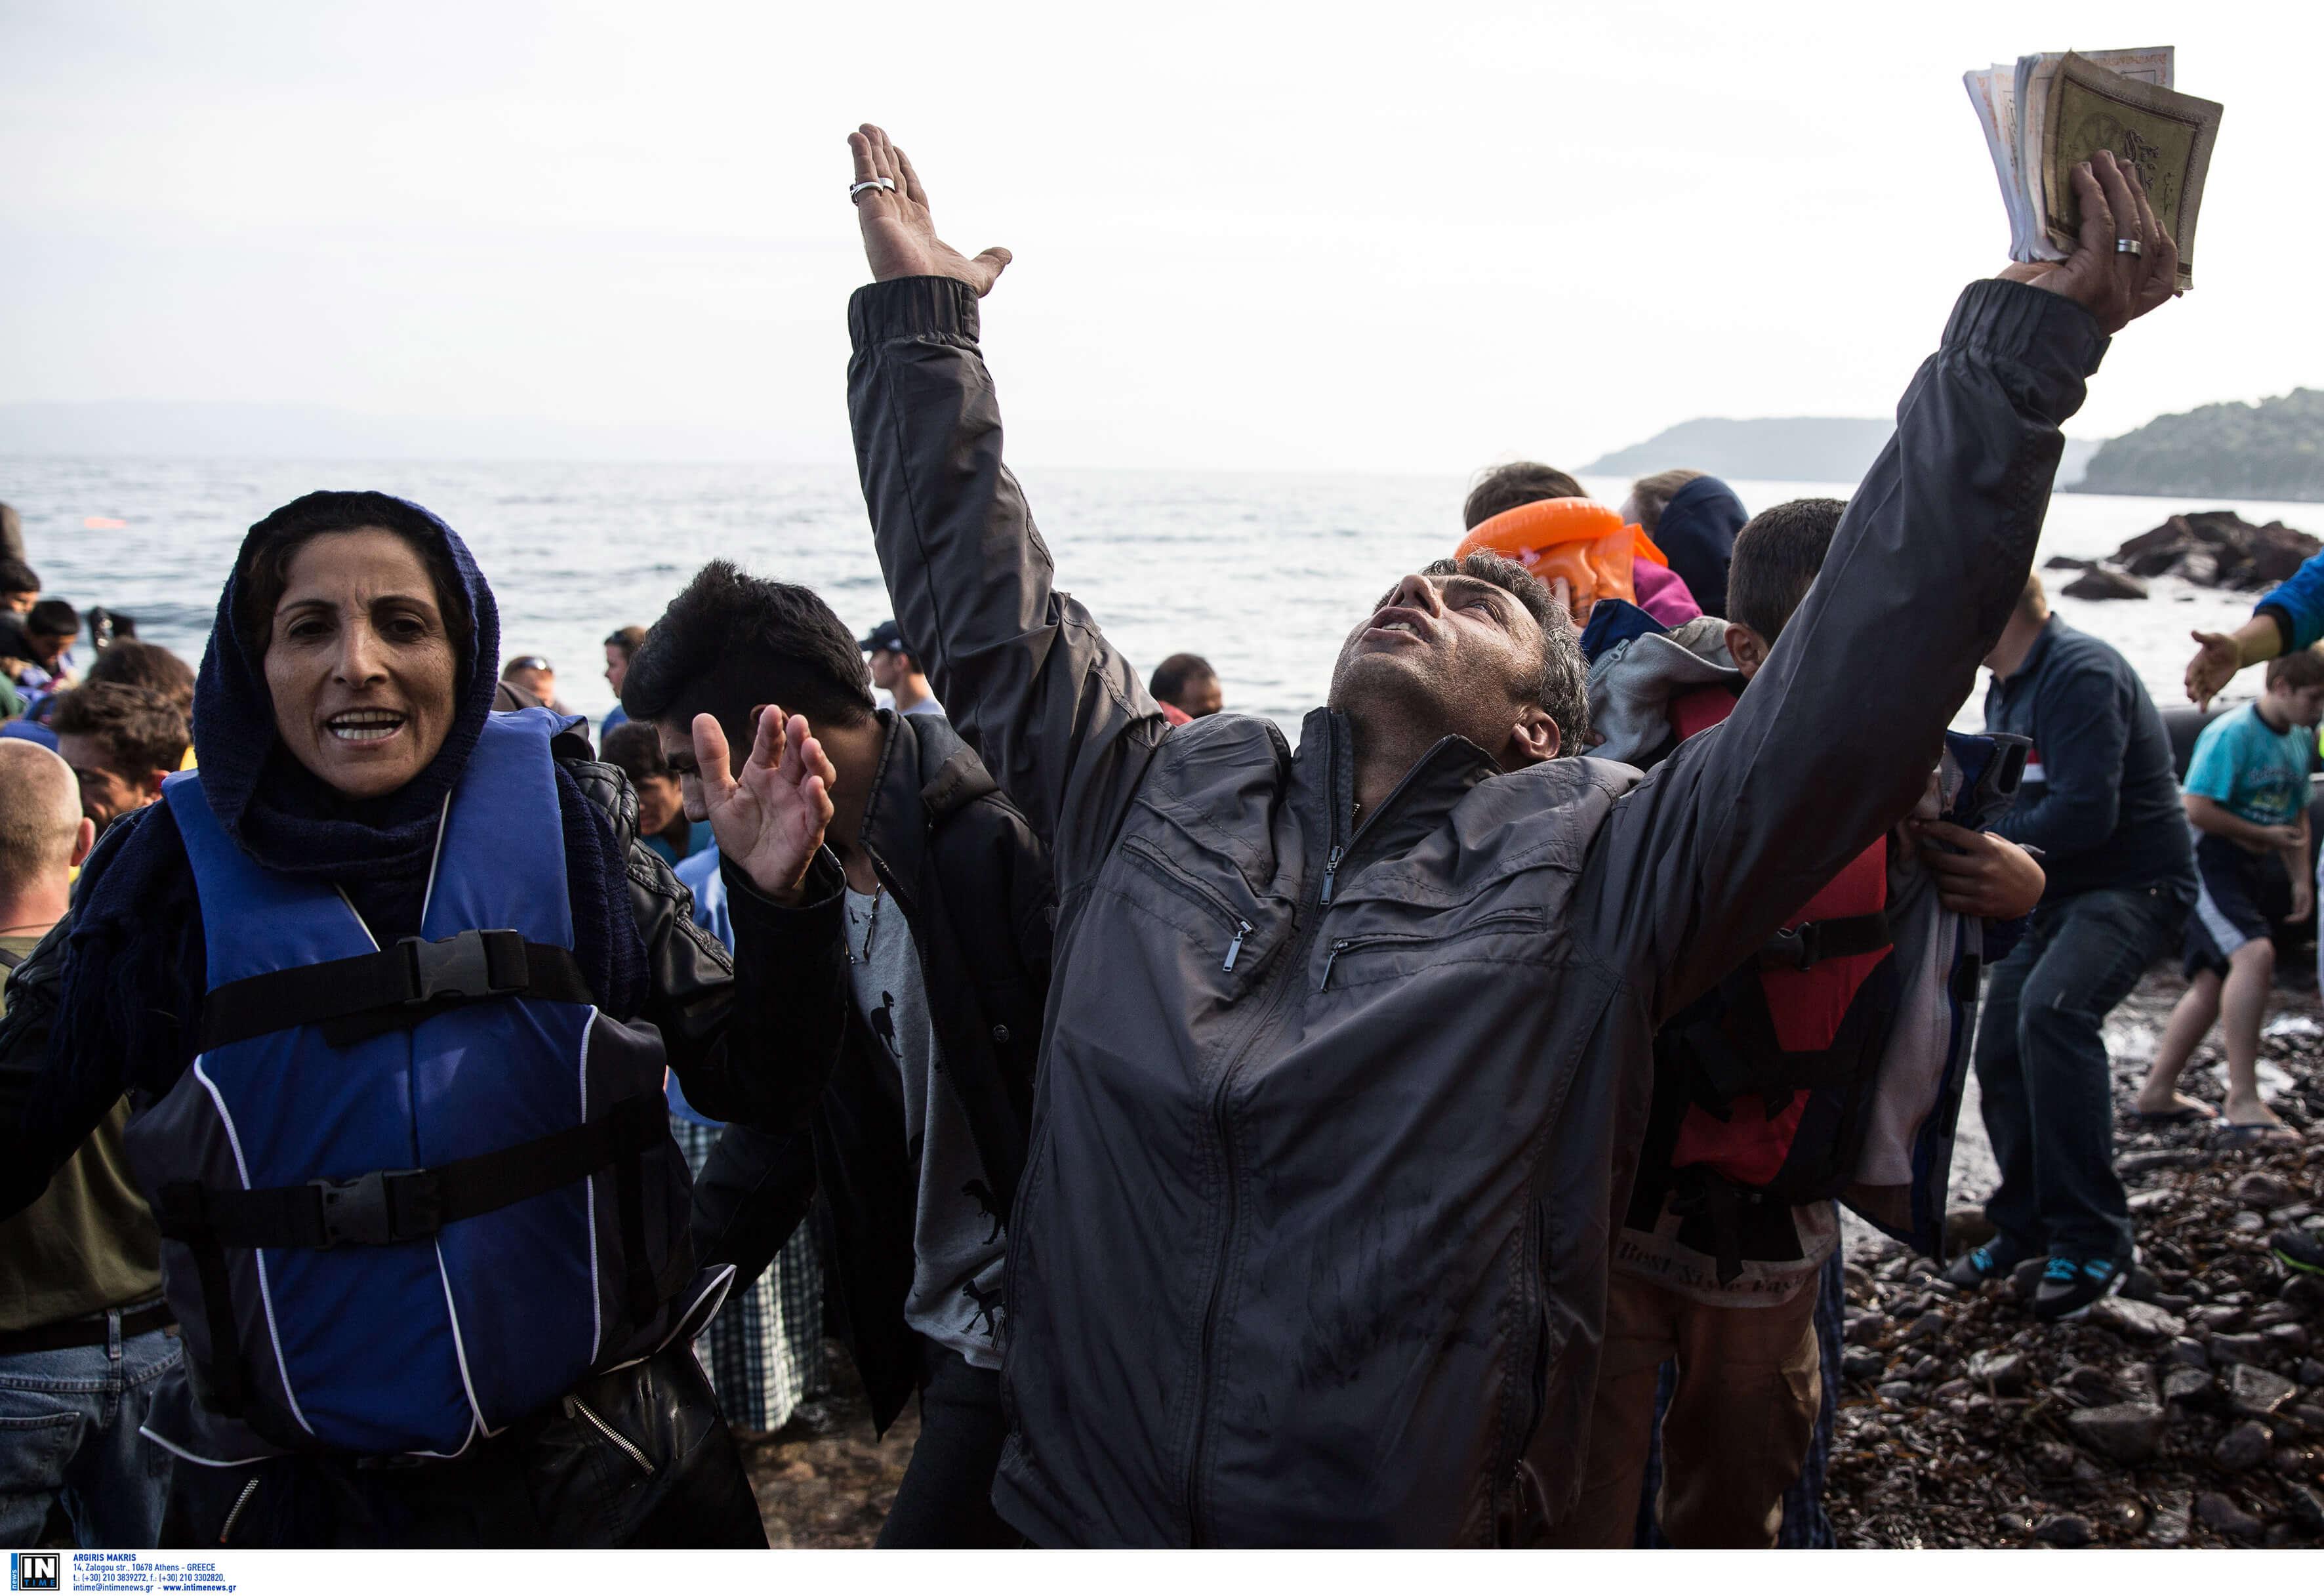 νομοσχέδιο για την παροχή ασύλου